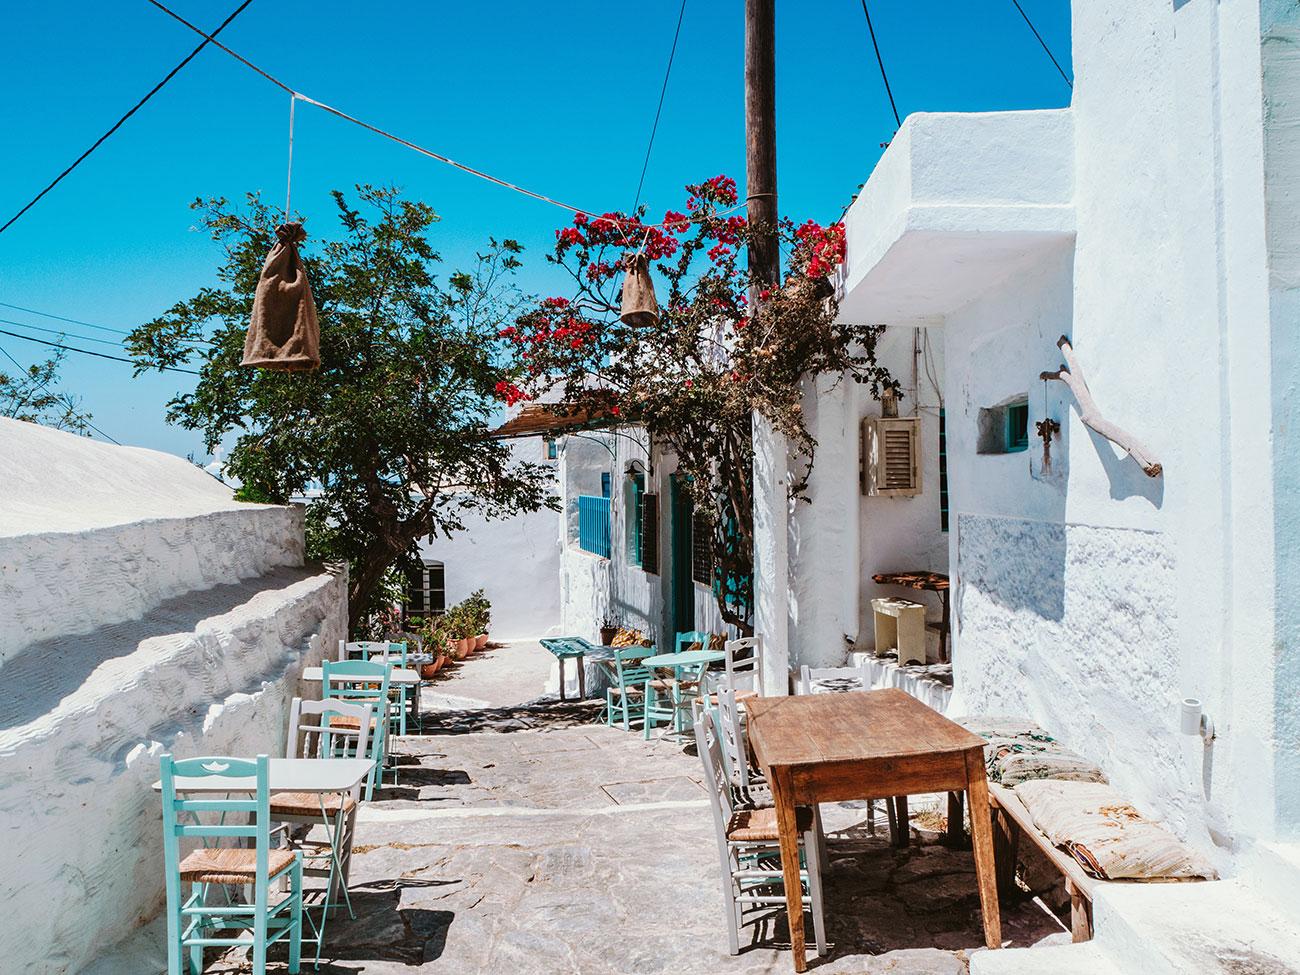 Chora Big Blue - Alte Gasse mit typisch griechischen Stühlen und einer Taverne